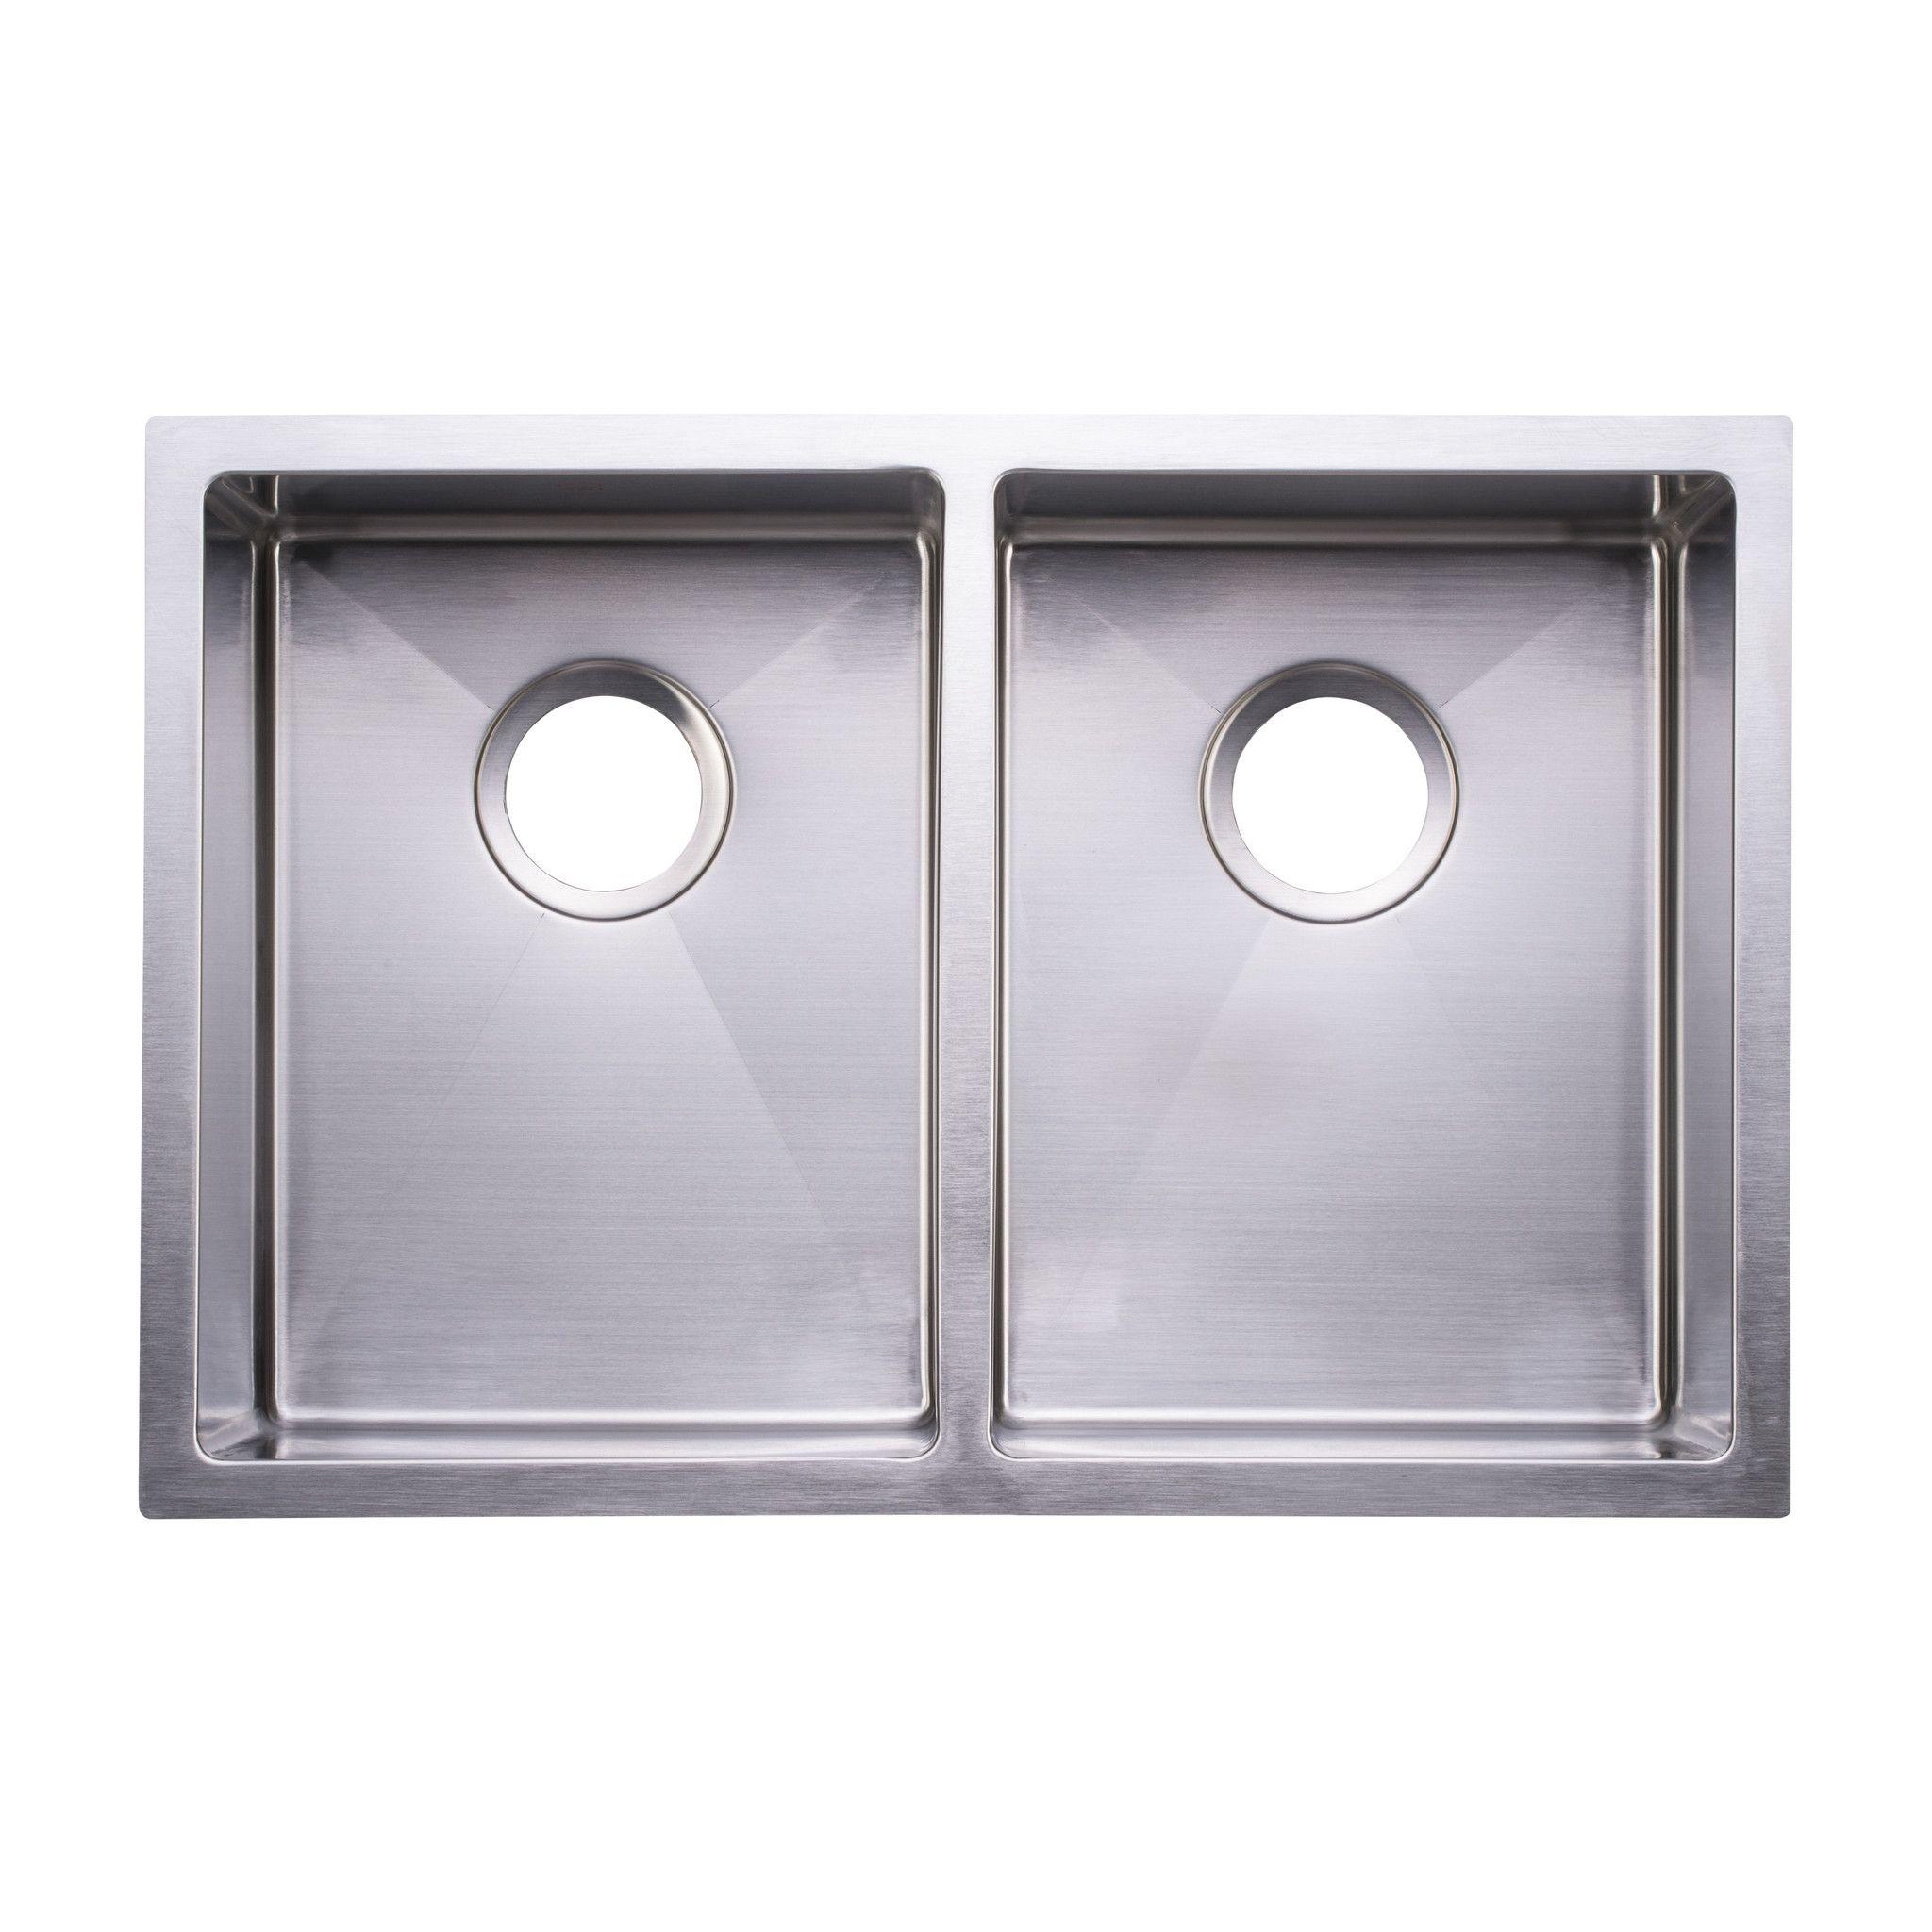 Bai 1224 Stainless Steel 16 Gauge Kitchen Sink Handmade 27 Inch